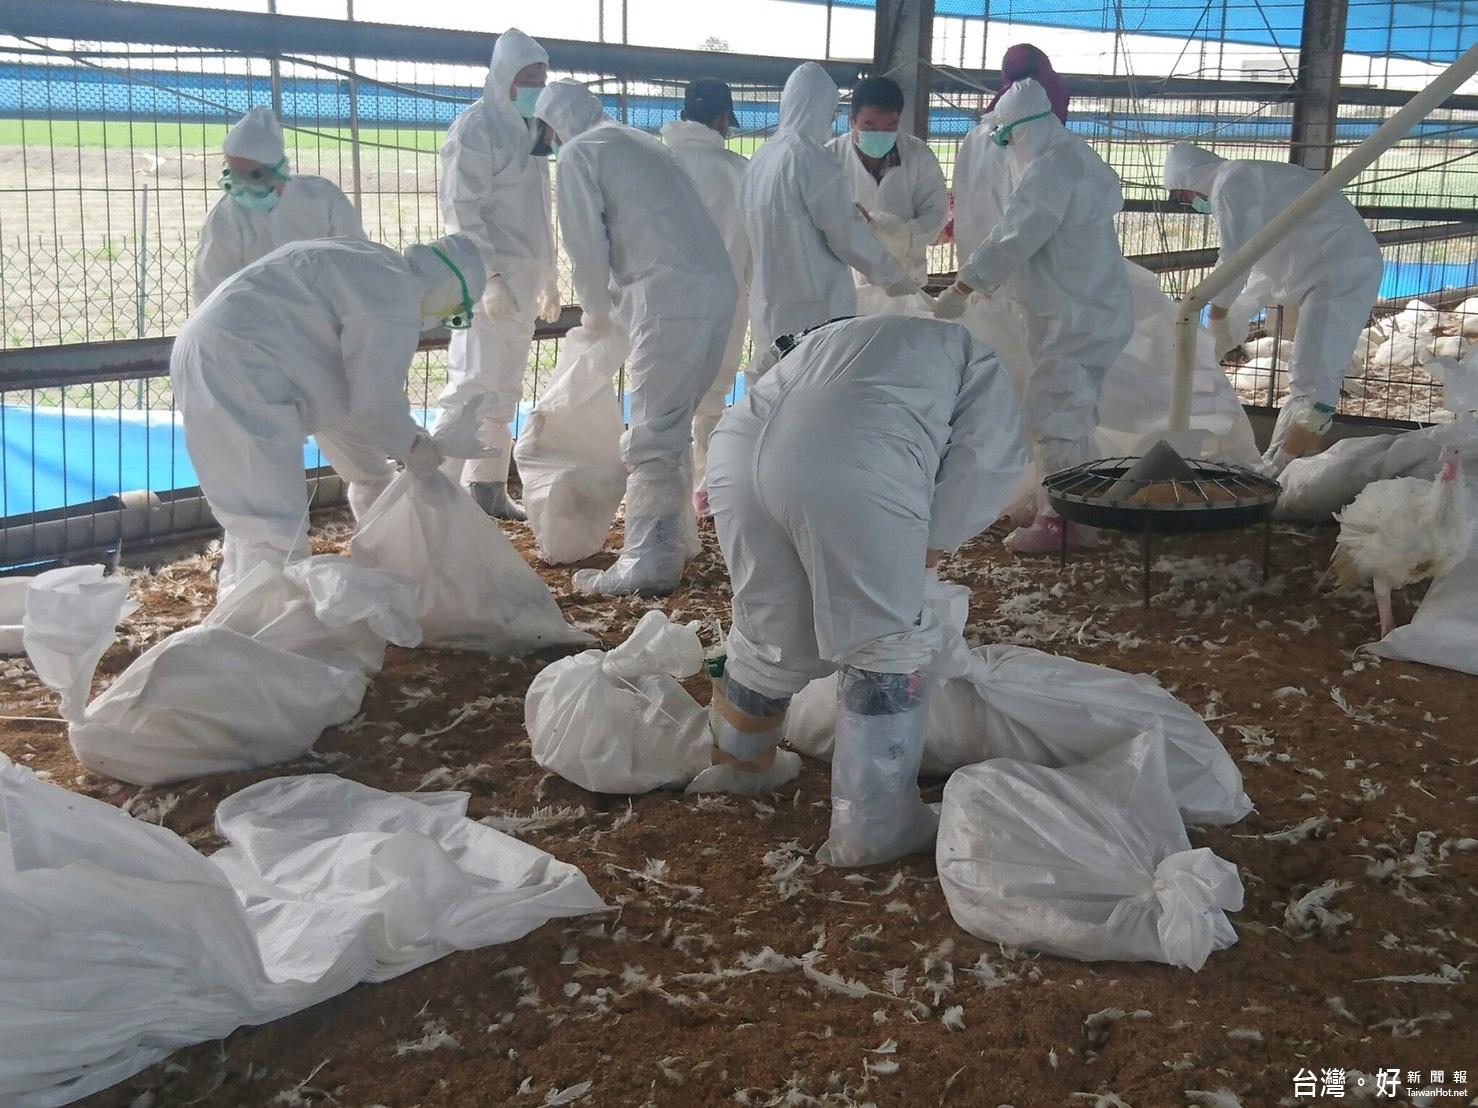 禽流感燒不停 雲縣撲殺1129隻火雞